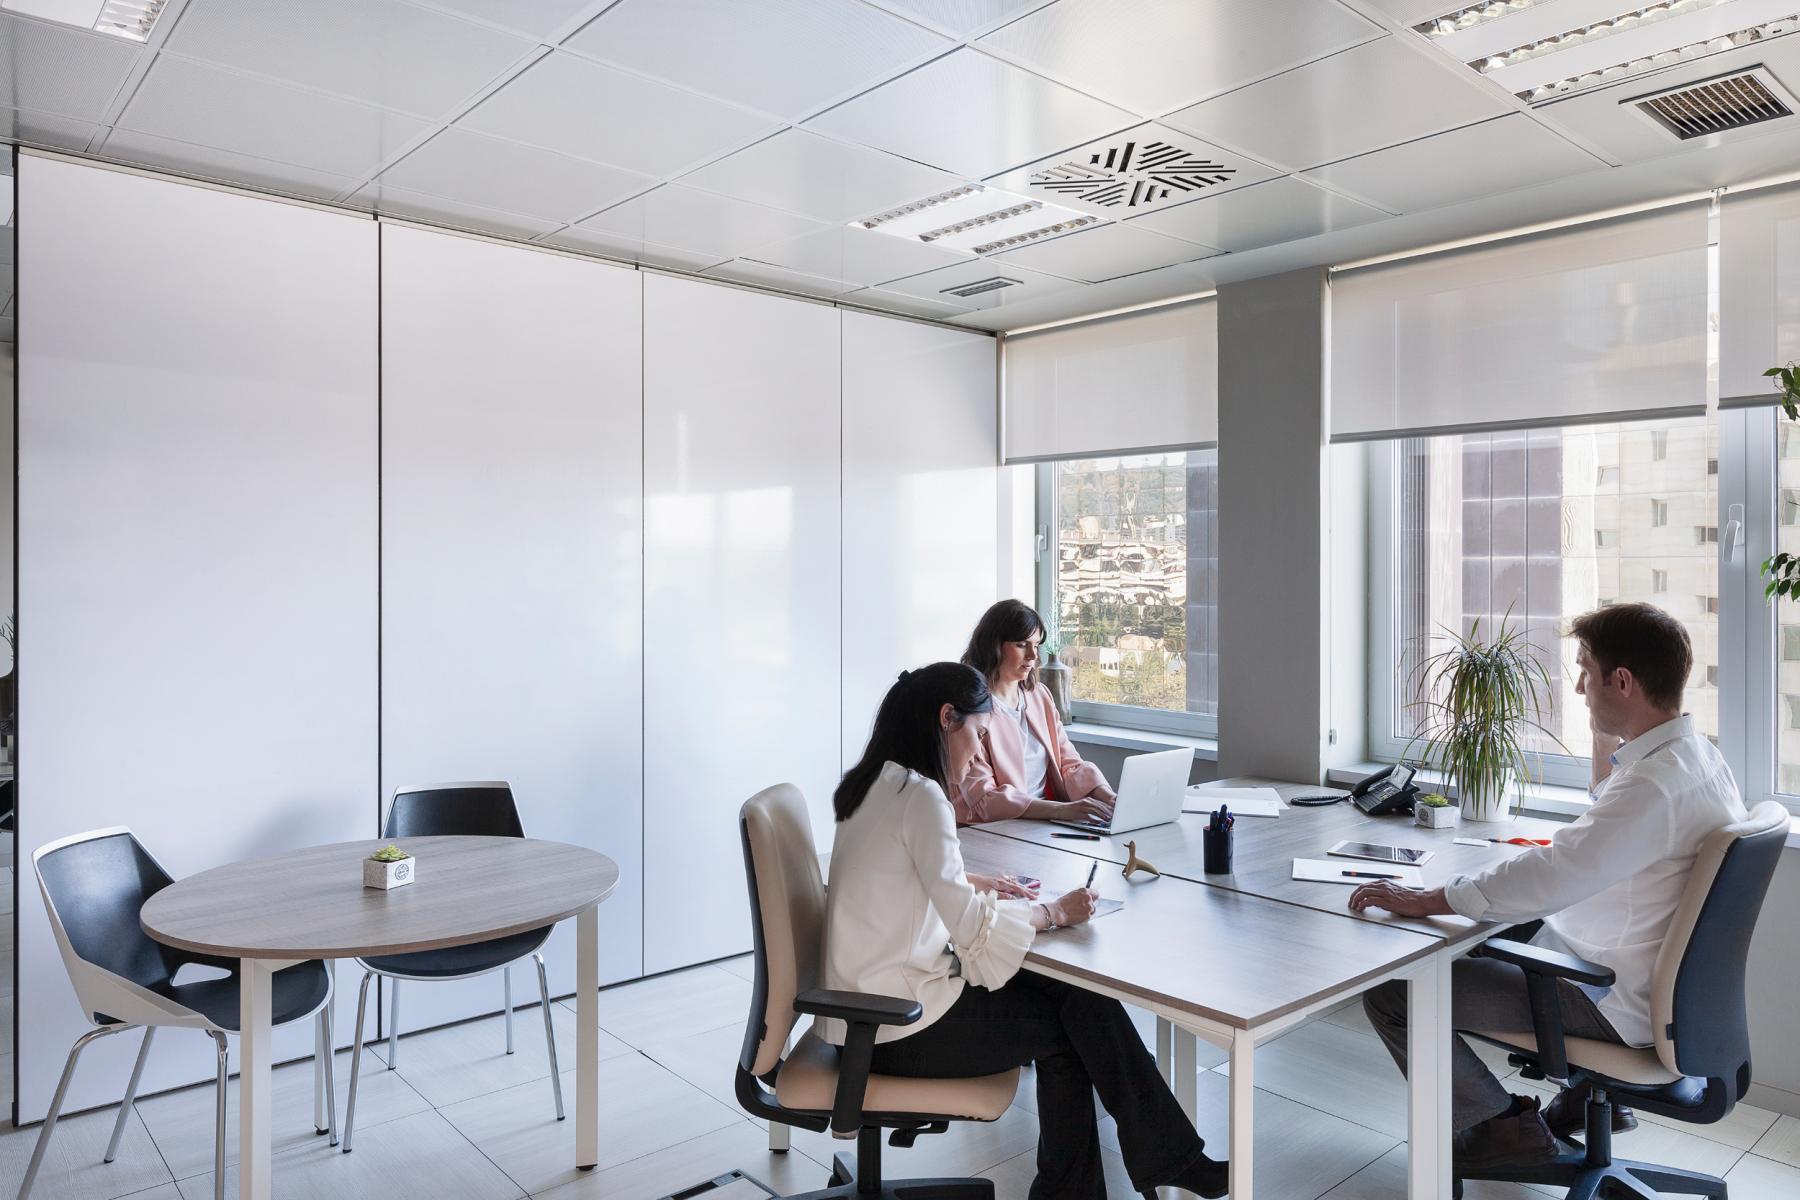 Alquilar oficinas Calle Diagonal 601, Barcelona (2)